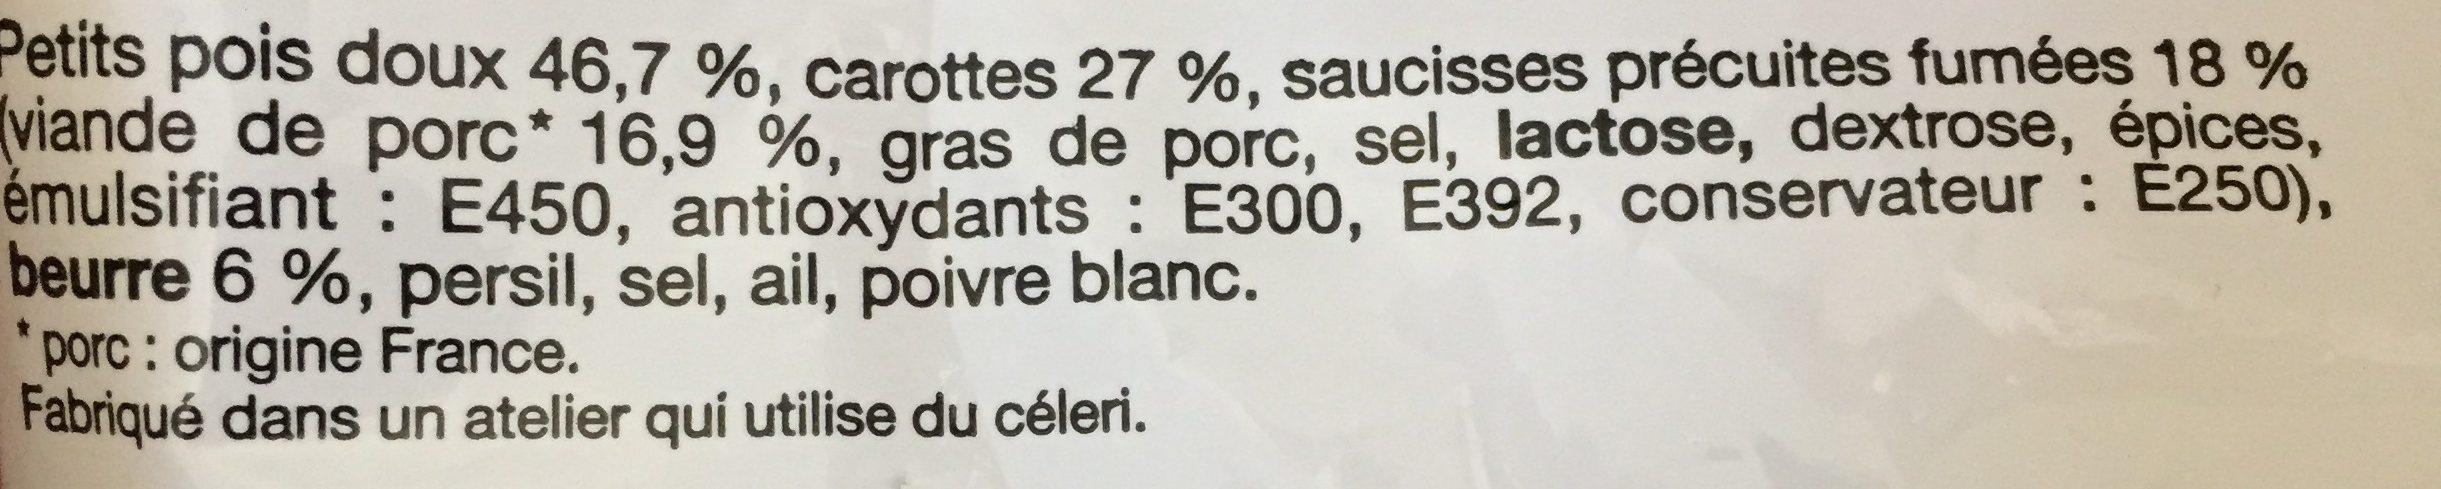 Saucisse fumée Pois et Carottes - Ingredients